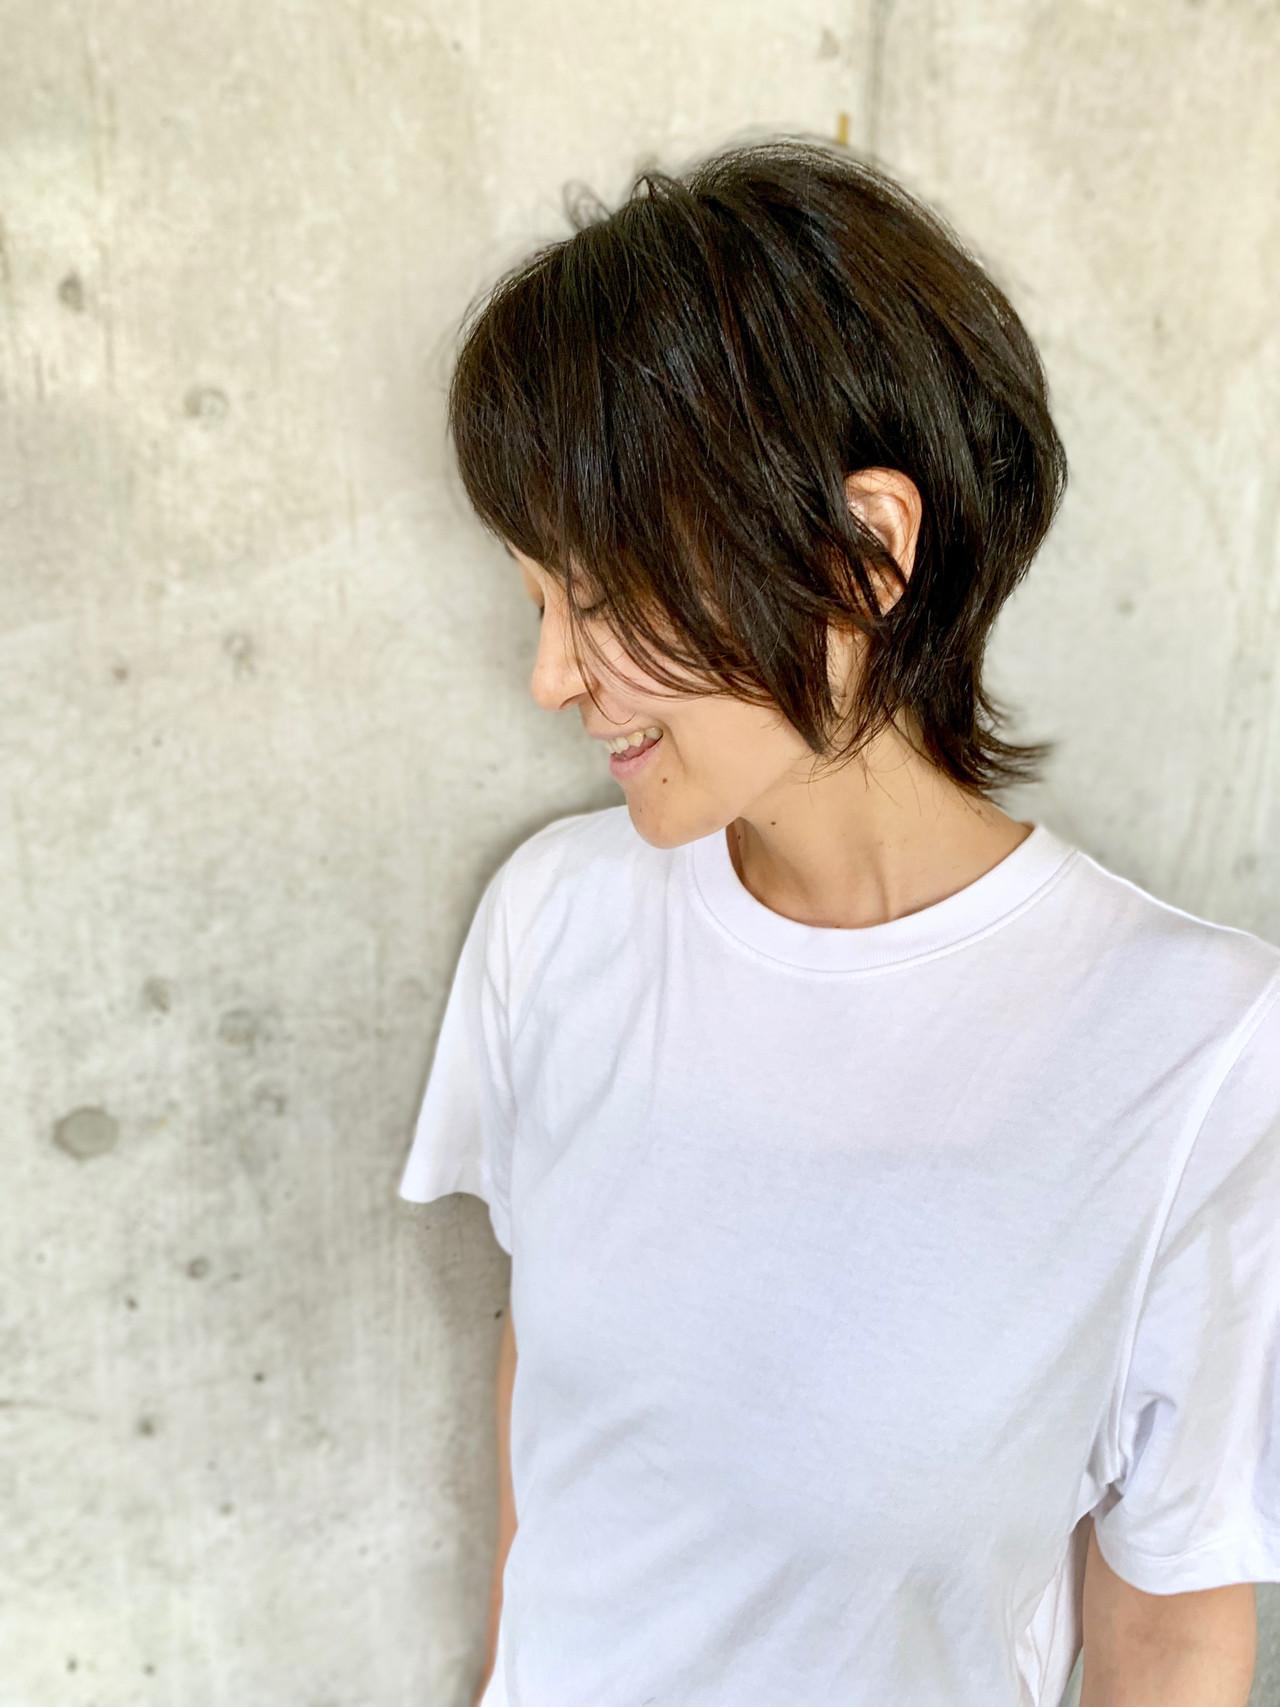 ショート モード ウルフカット ショートヘア ヘアスタイルや髪型の写真・画像 | 黒河 祐樹 / ドアベル ヘアリビング